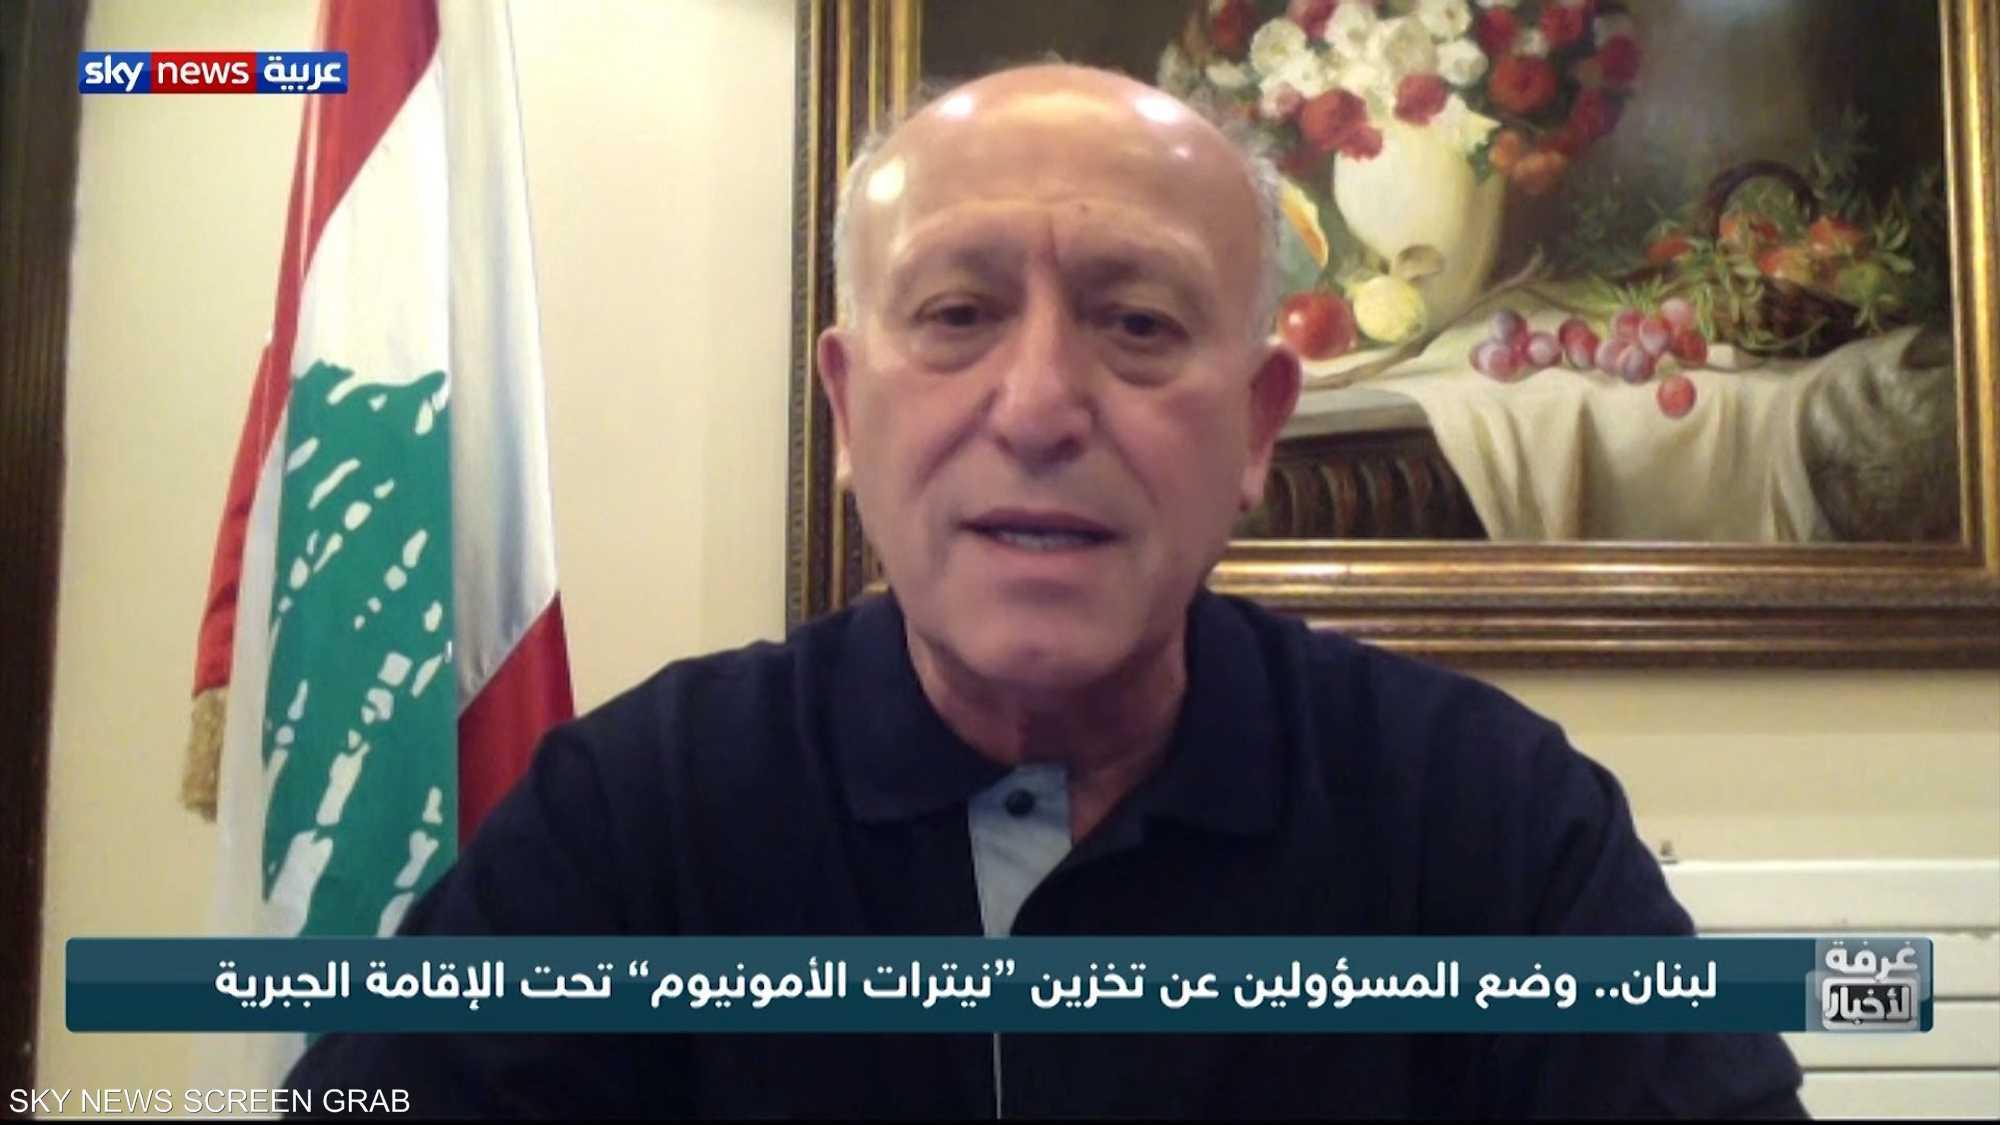 بيروت تحتضن الدمار.. كارثة الإهمال والأثمان الباهظة